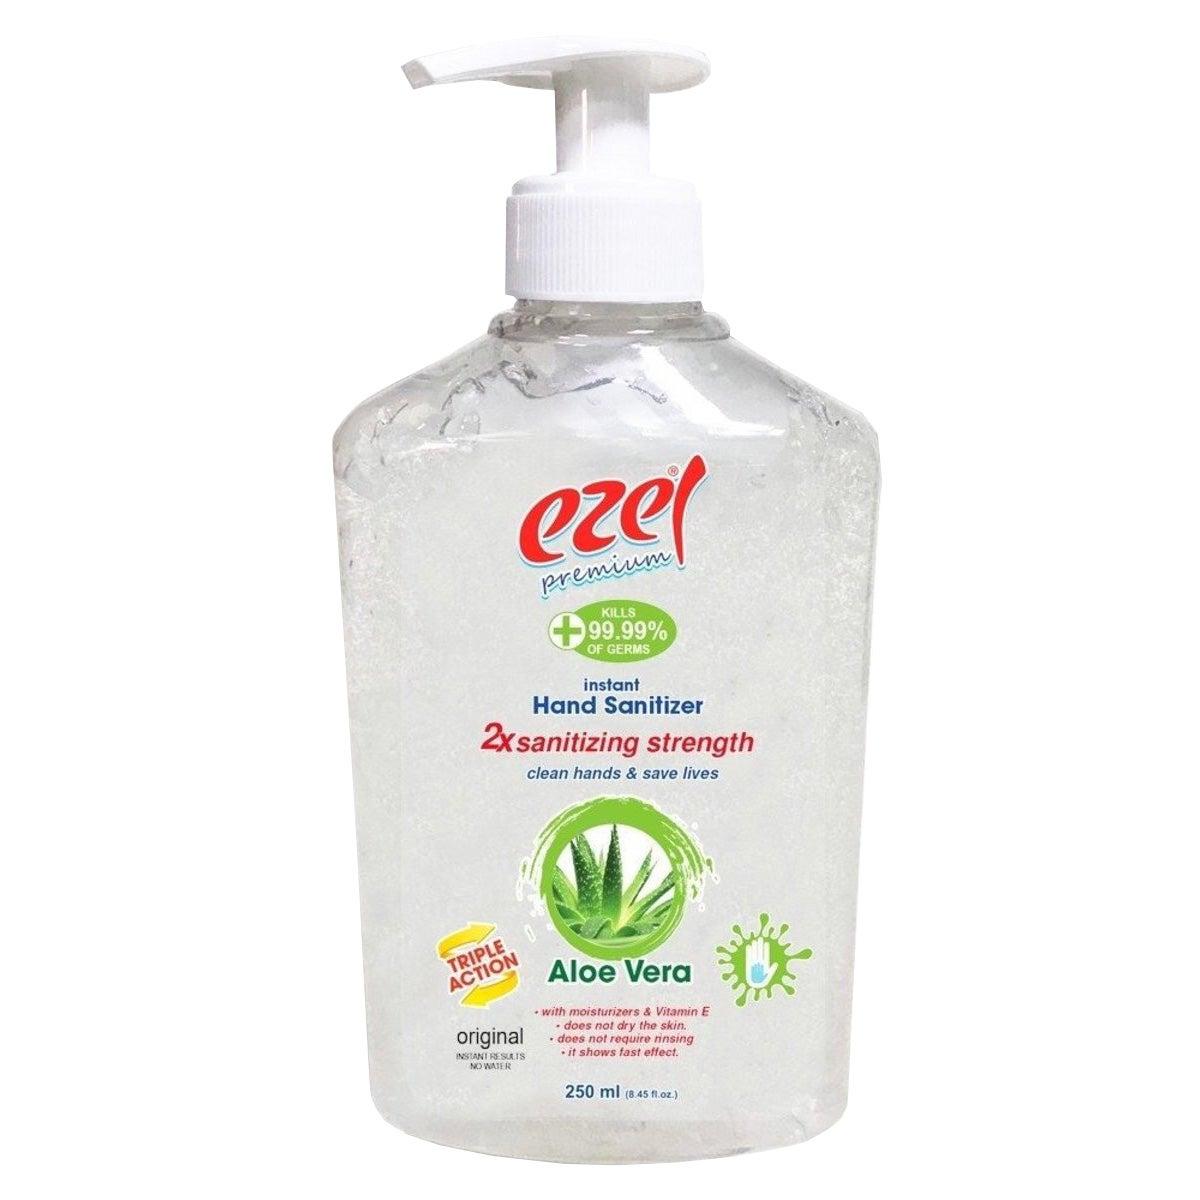 Ezel Premium Hand Sanitiser 250ml